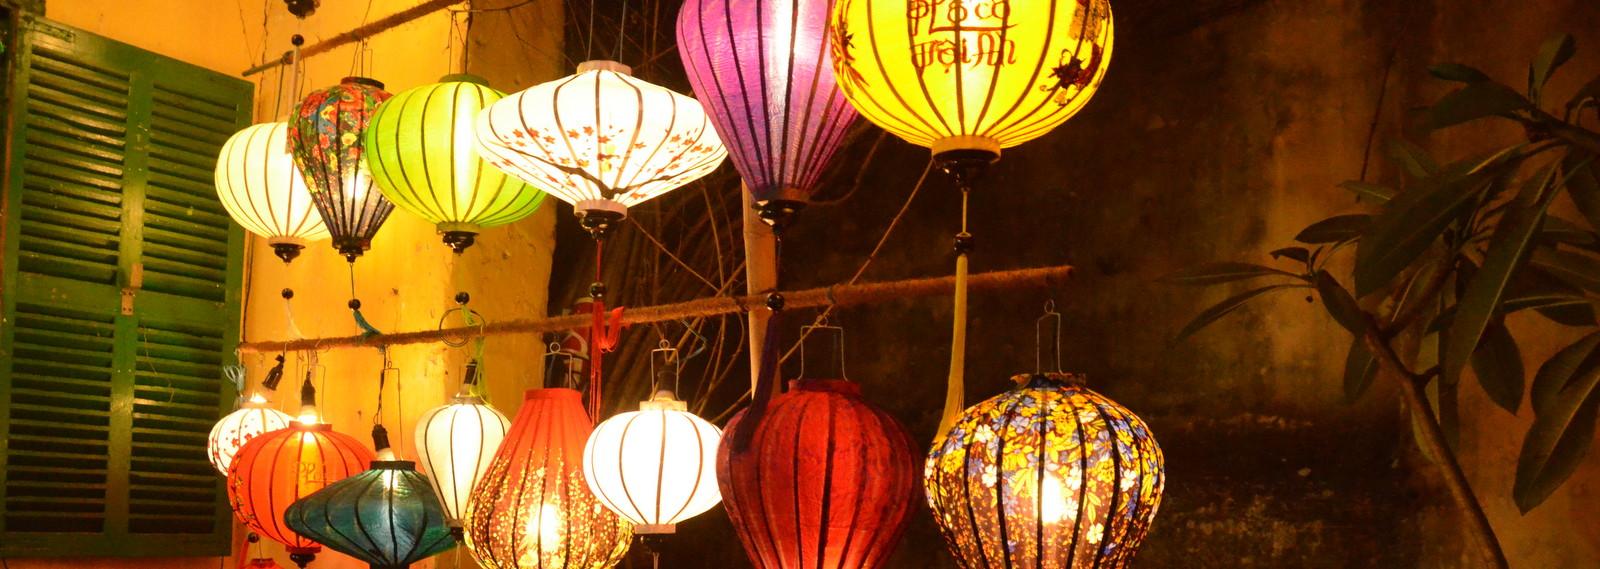 Vietnam Sud, Hoi An